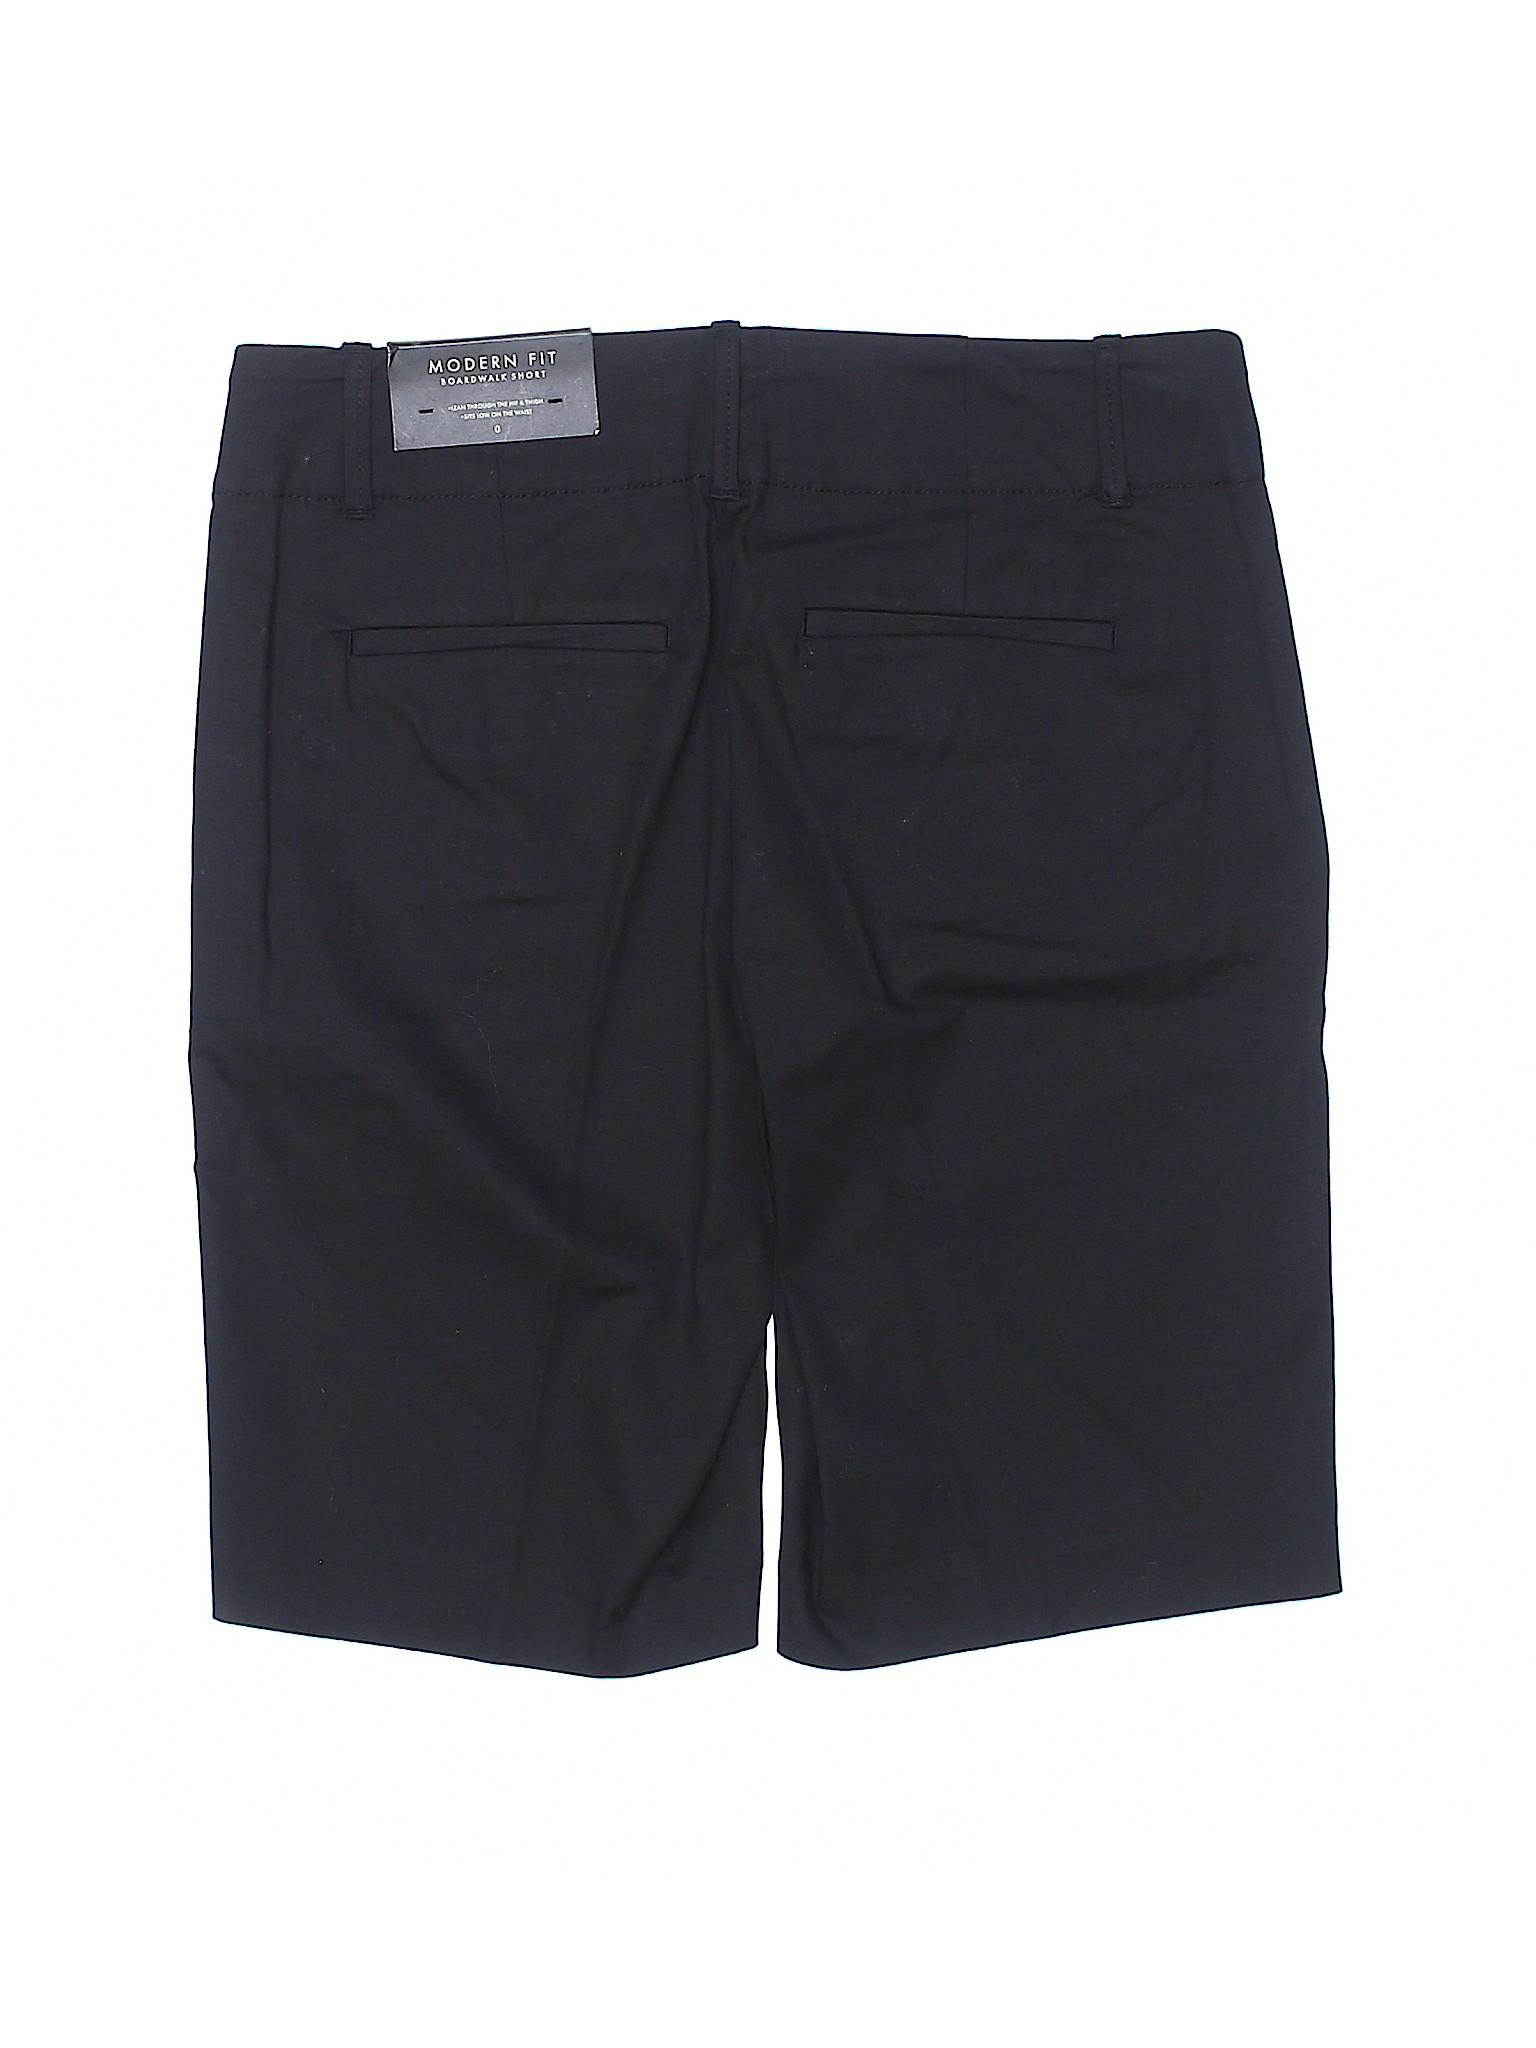 Ann winter Shorts Khaki Taylor Boutique wT5Cn1RqT